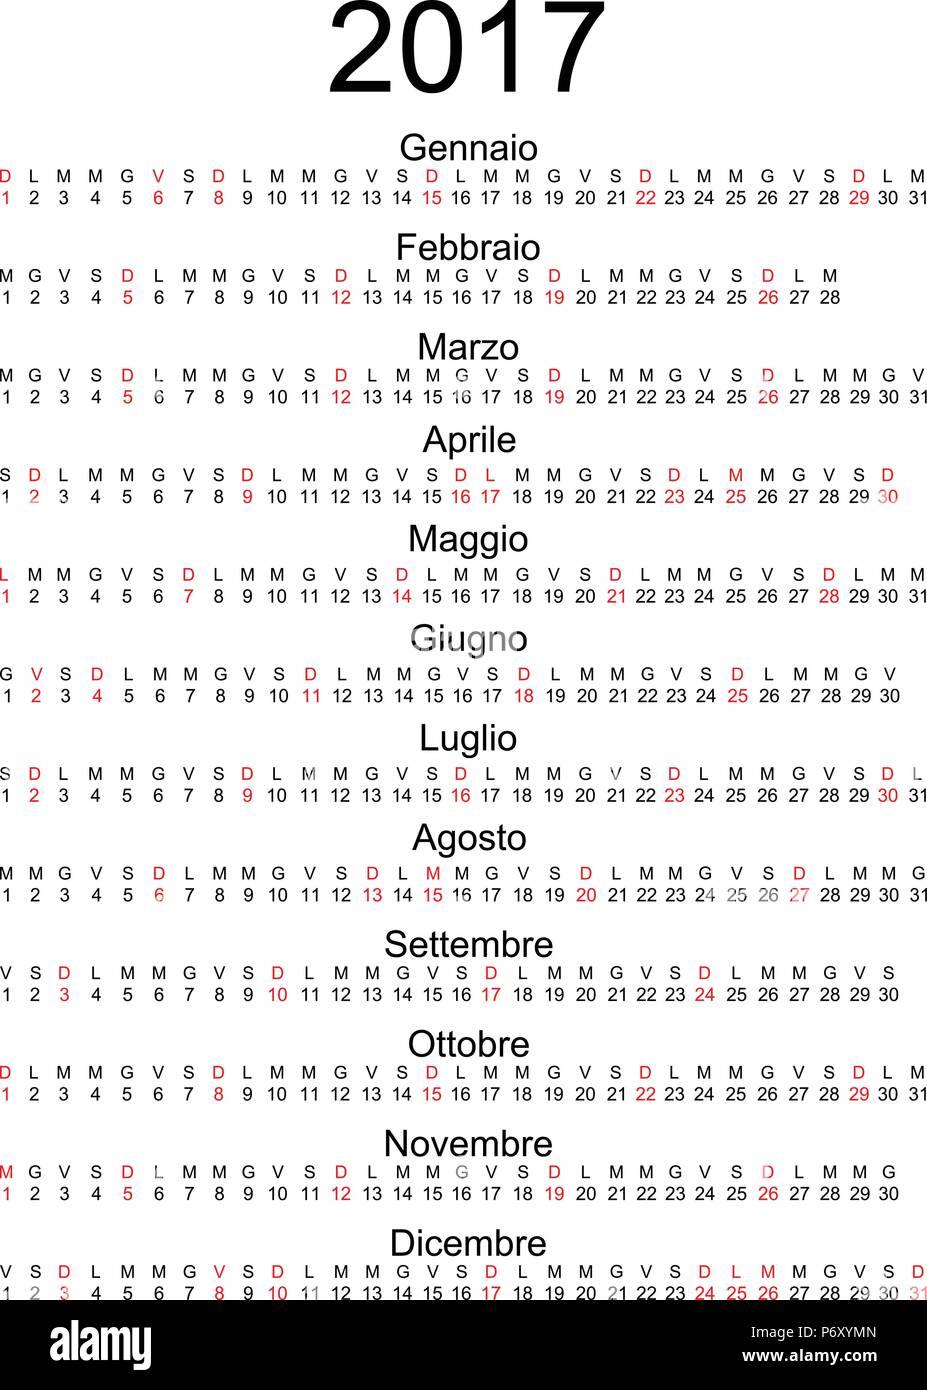 Calendario Nazionali.Calendario 2017 Con Feste Nazionali Italiane Contrassegnati